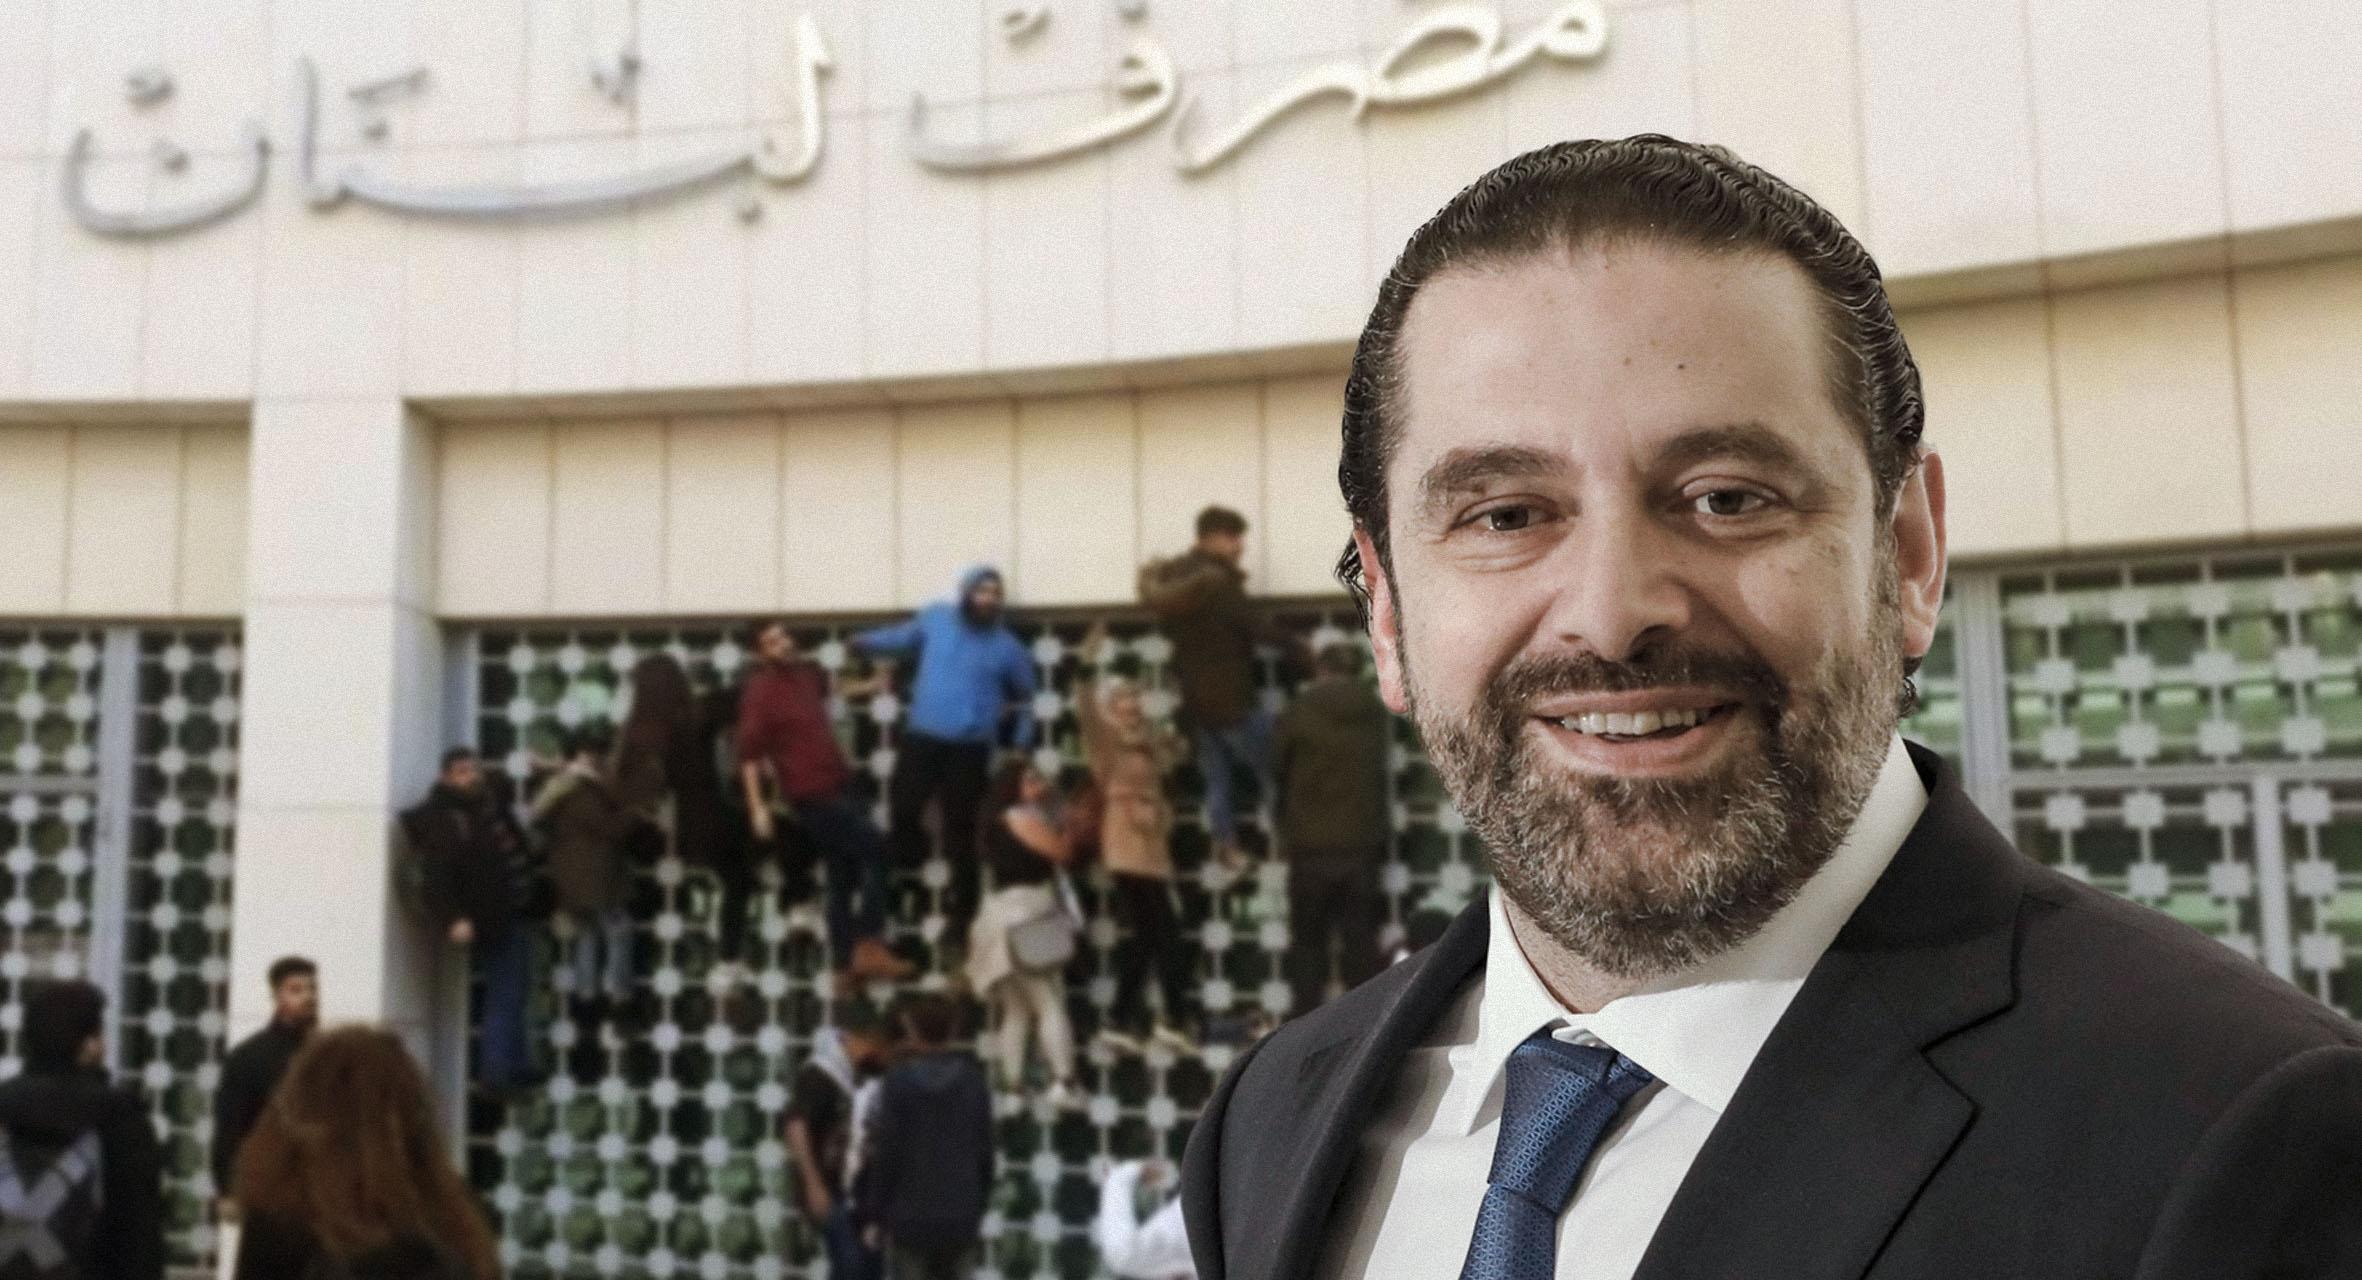 صورة اللبنانيون يراهنون على الحريري بالنهوض بهم إلى نقطة الصفر التي بلغها حين كان رئيساً للحكومة